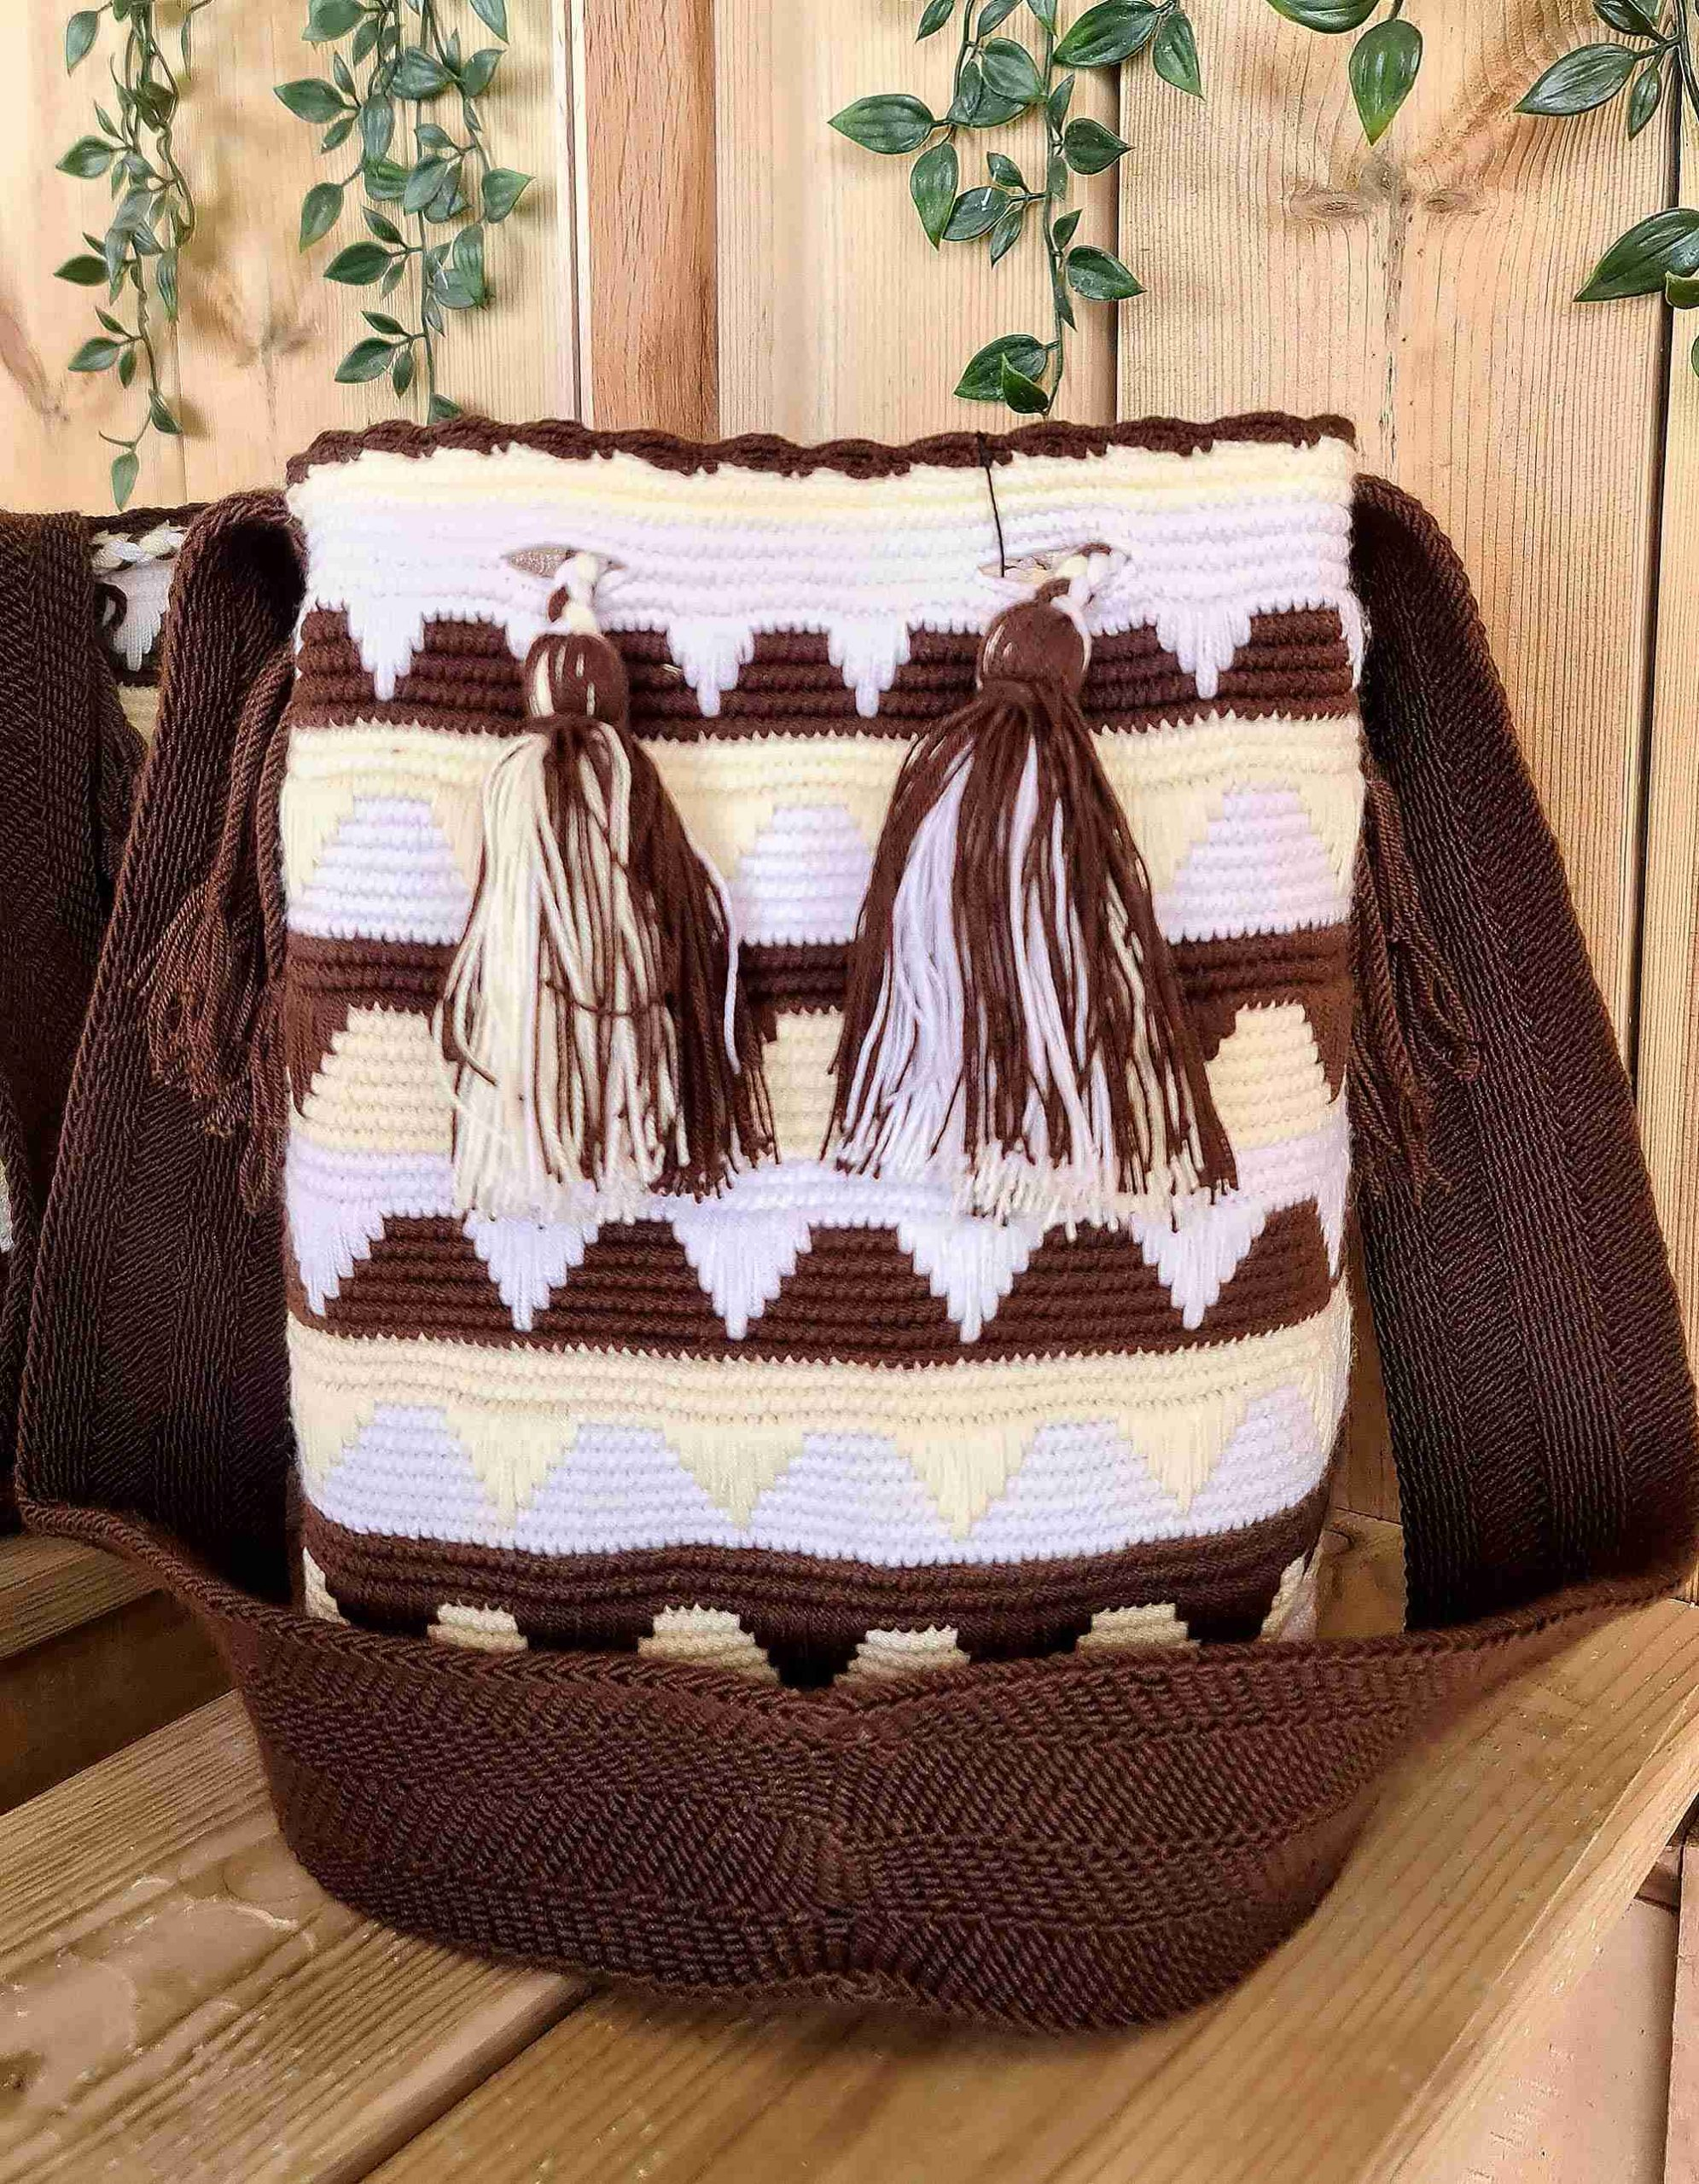 Bolso Wayuu Original Auténtico (sólo 1 igual) con motivos tribales color marrón, blanco, amarillo y correa marrón